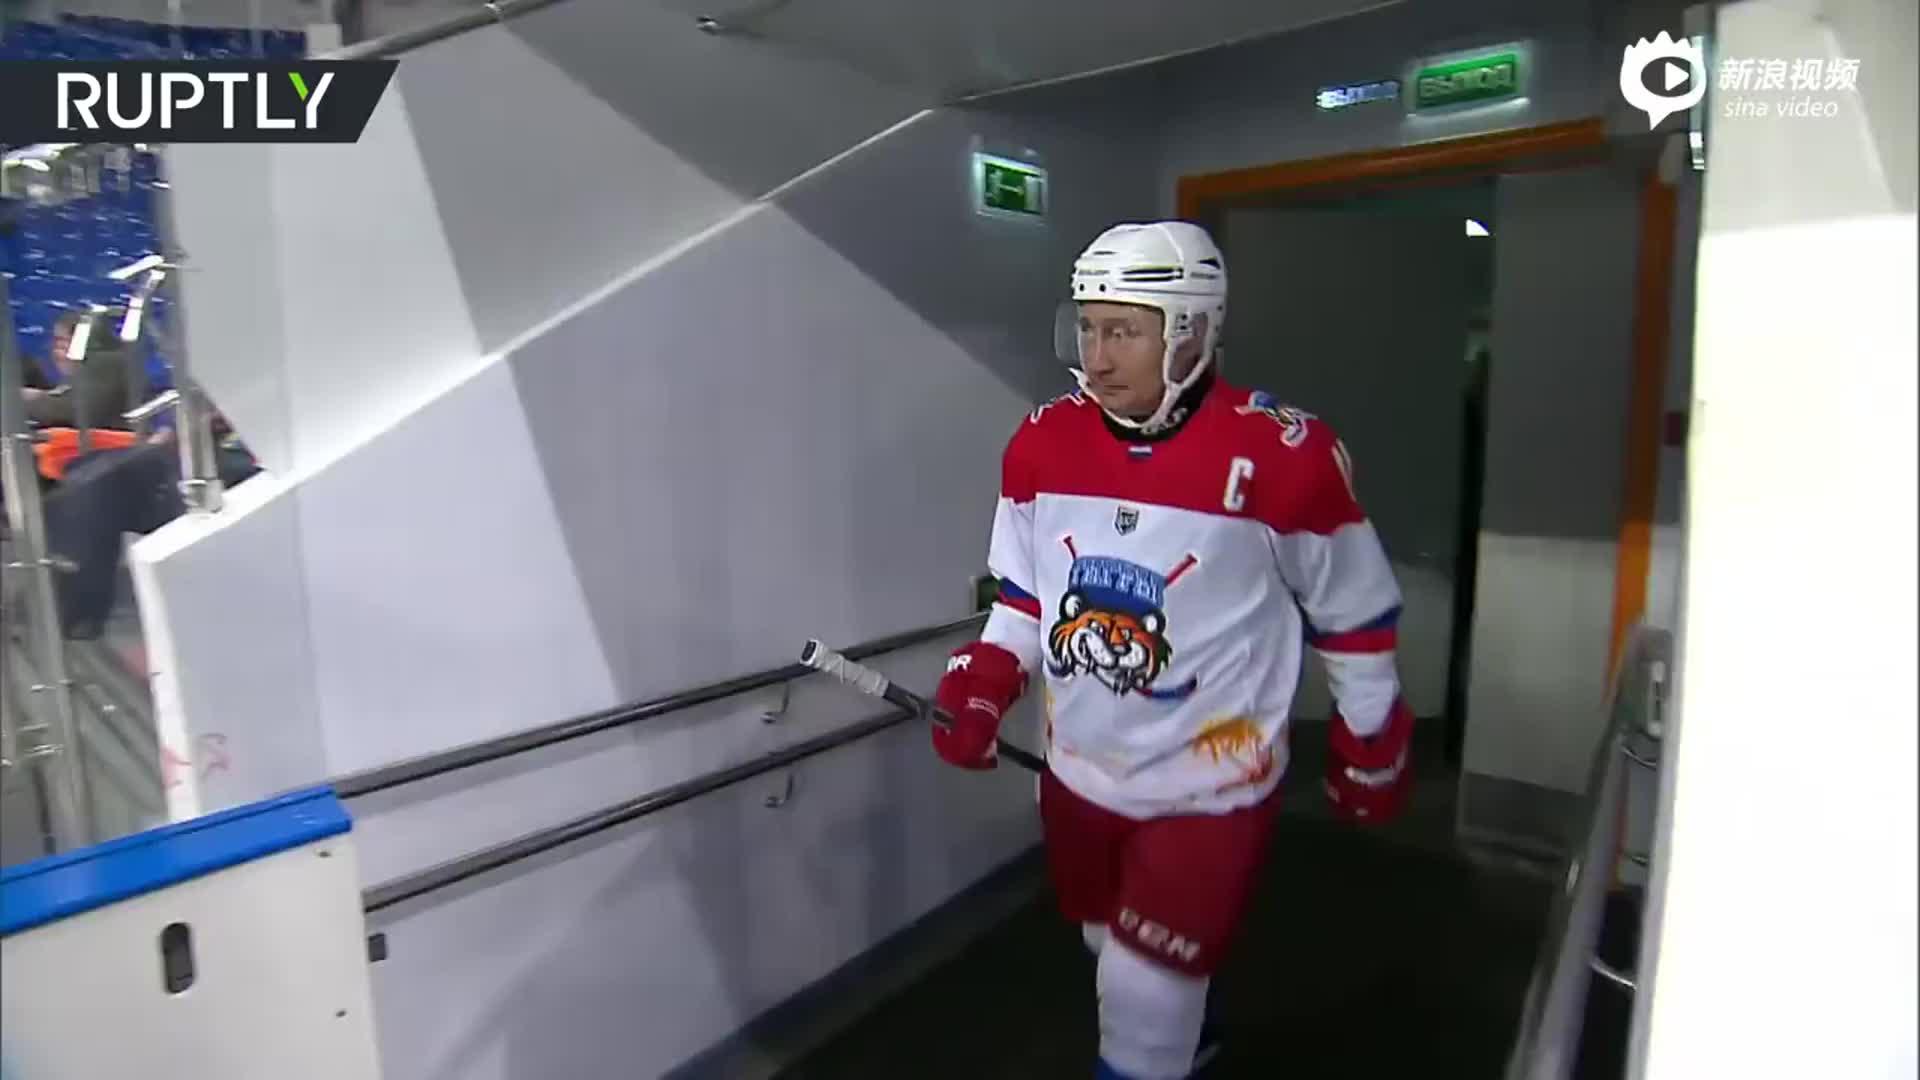 真运动达人普京 就算受伤也不能阻止他打冰球